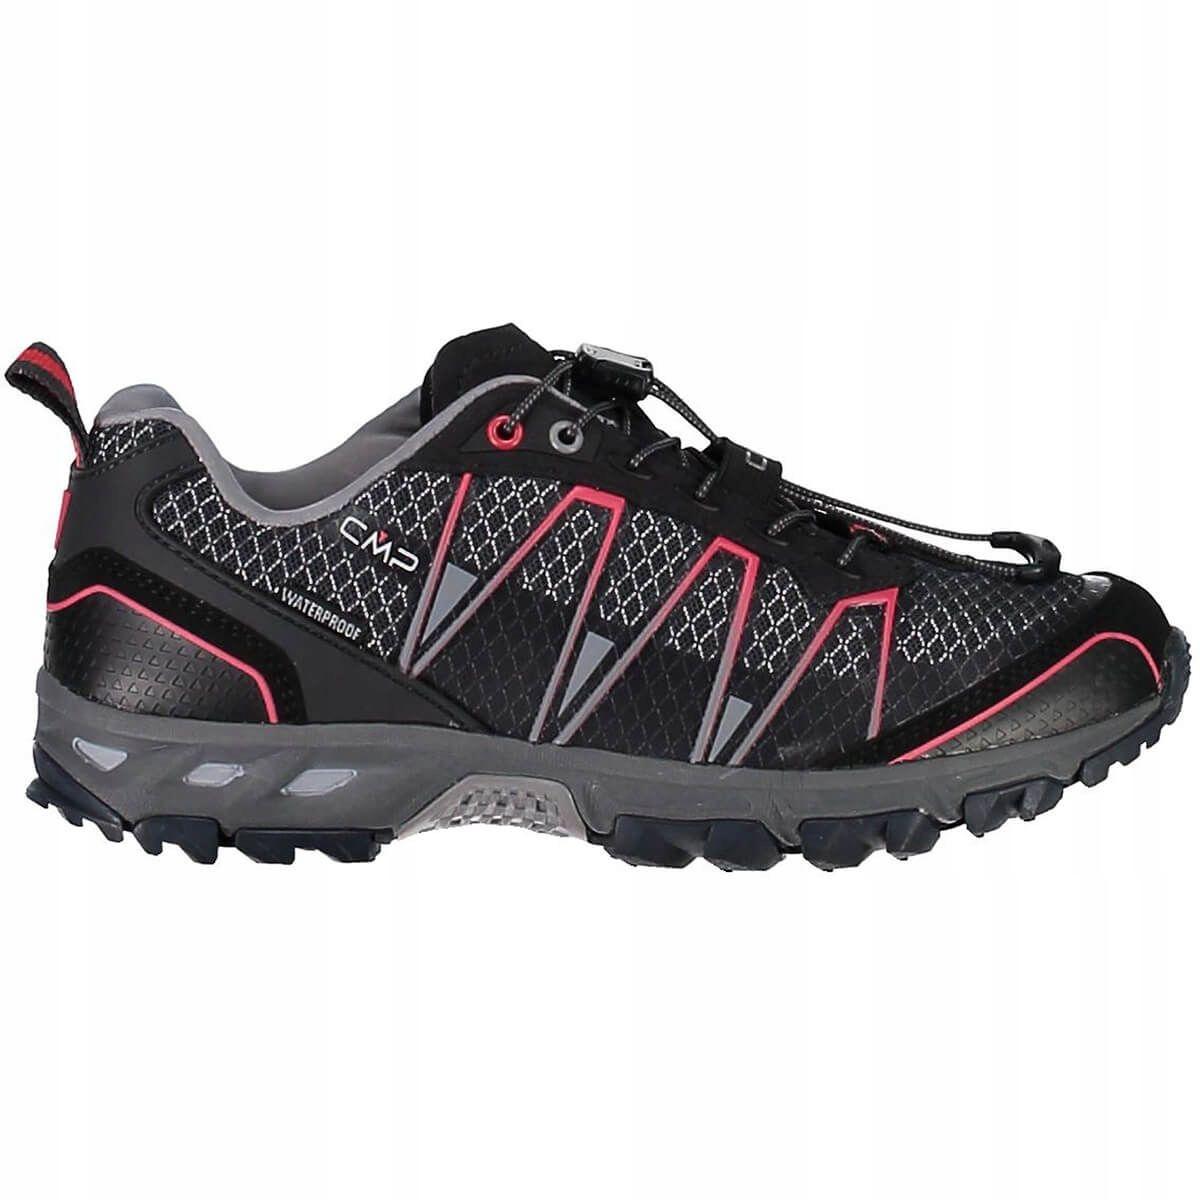 Buty do biegania damskie CMP ALTAK 37